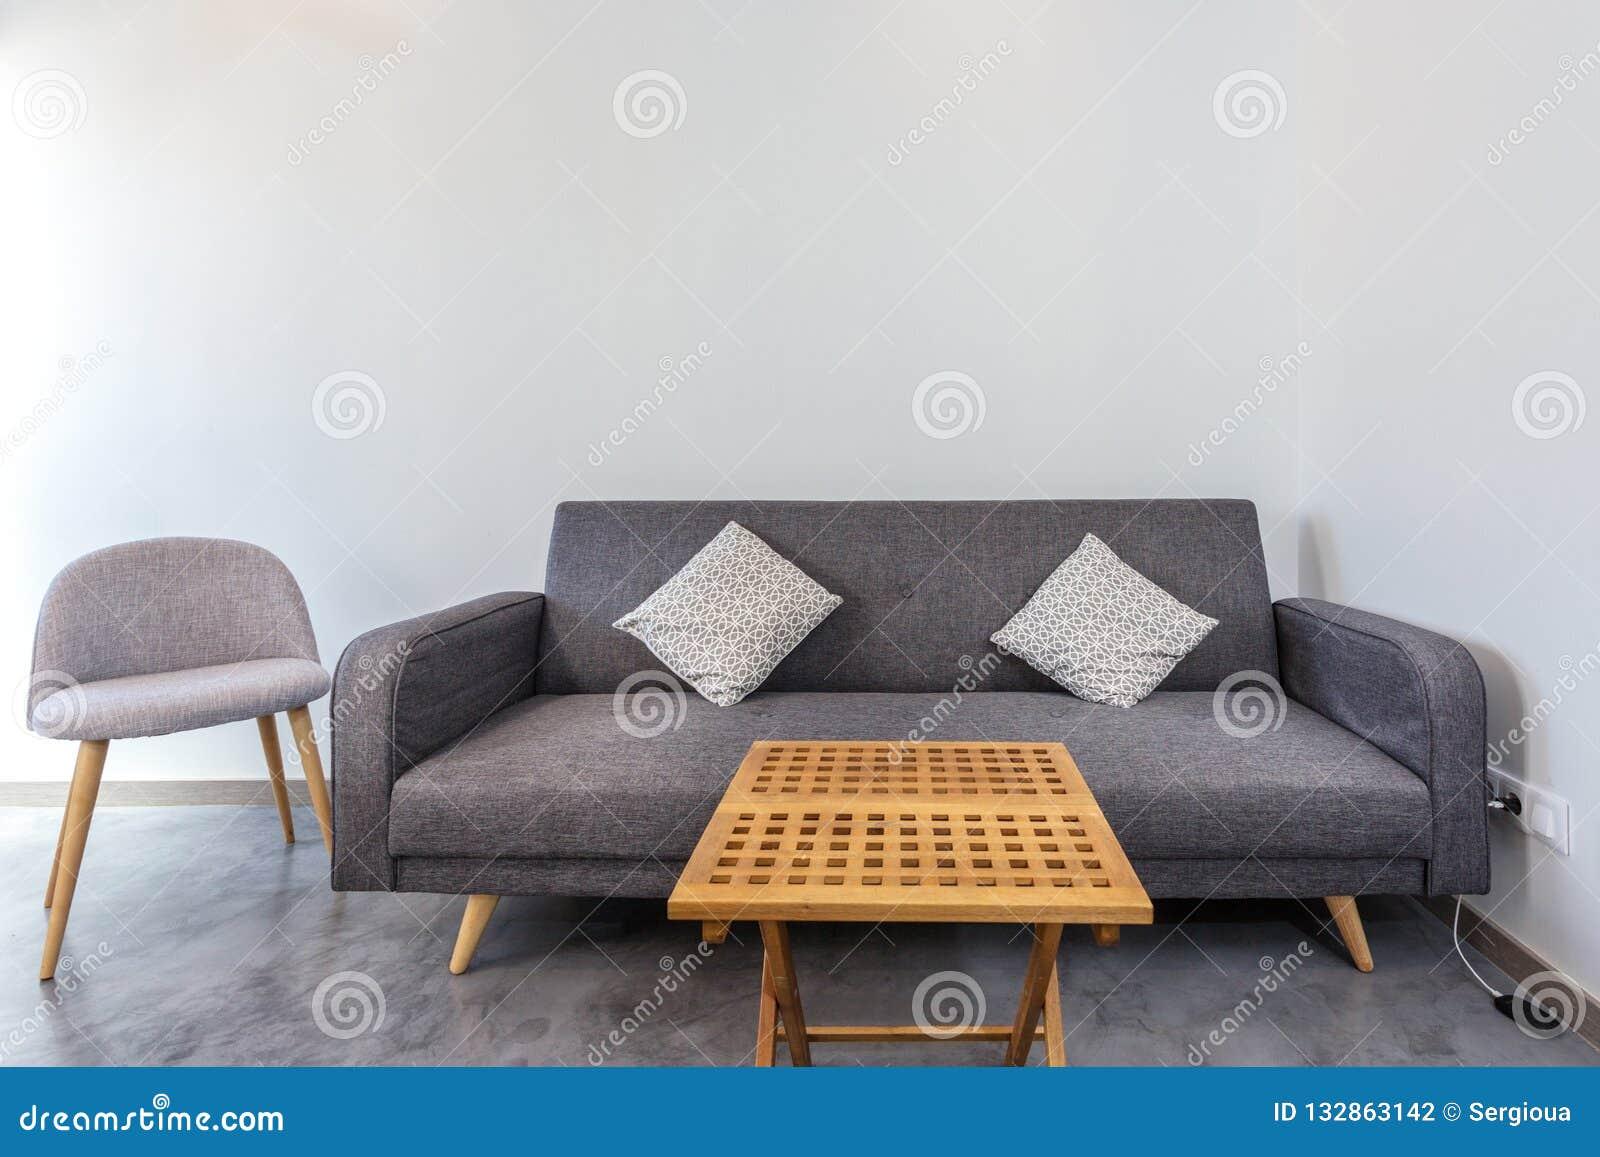 Sofa Classique Avec Des Chaises Et Une Table Basse Dans La Chambre